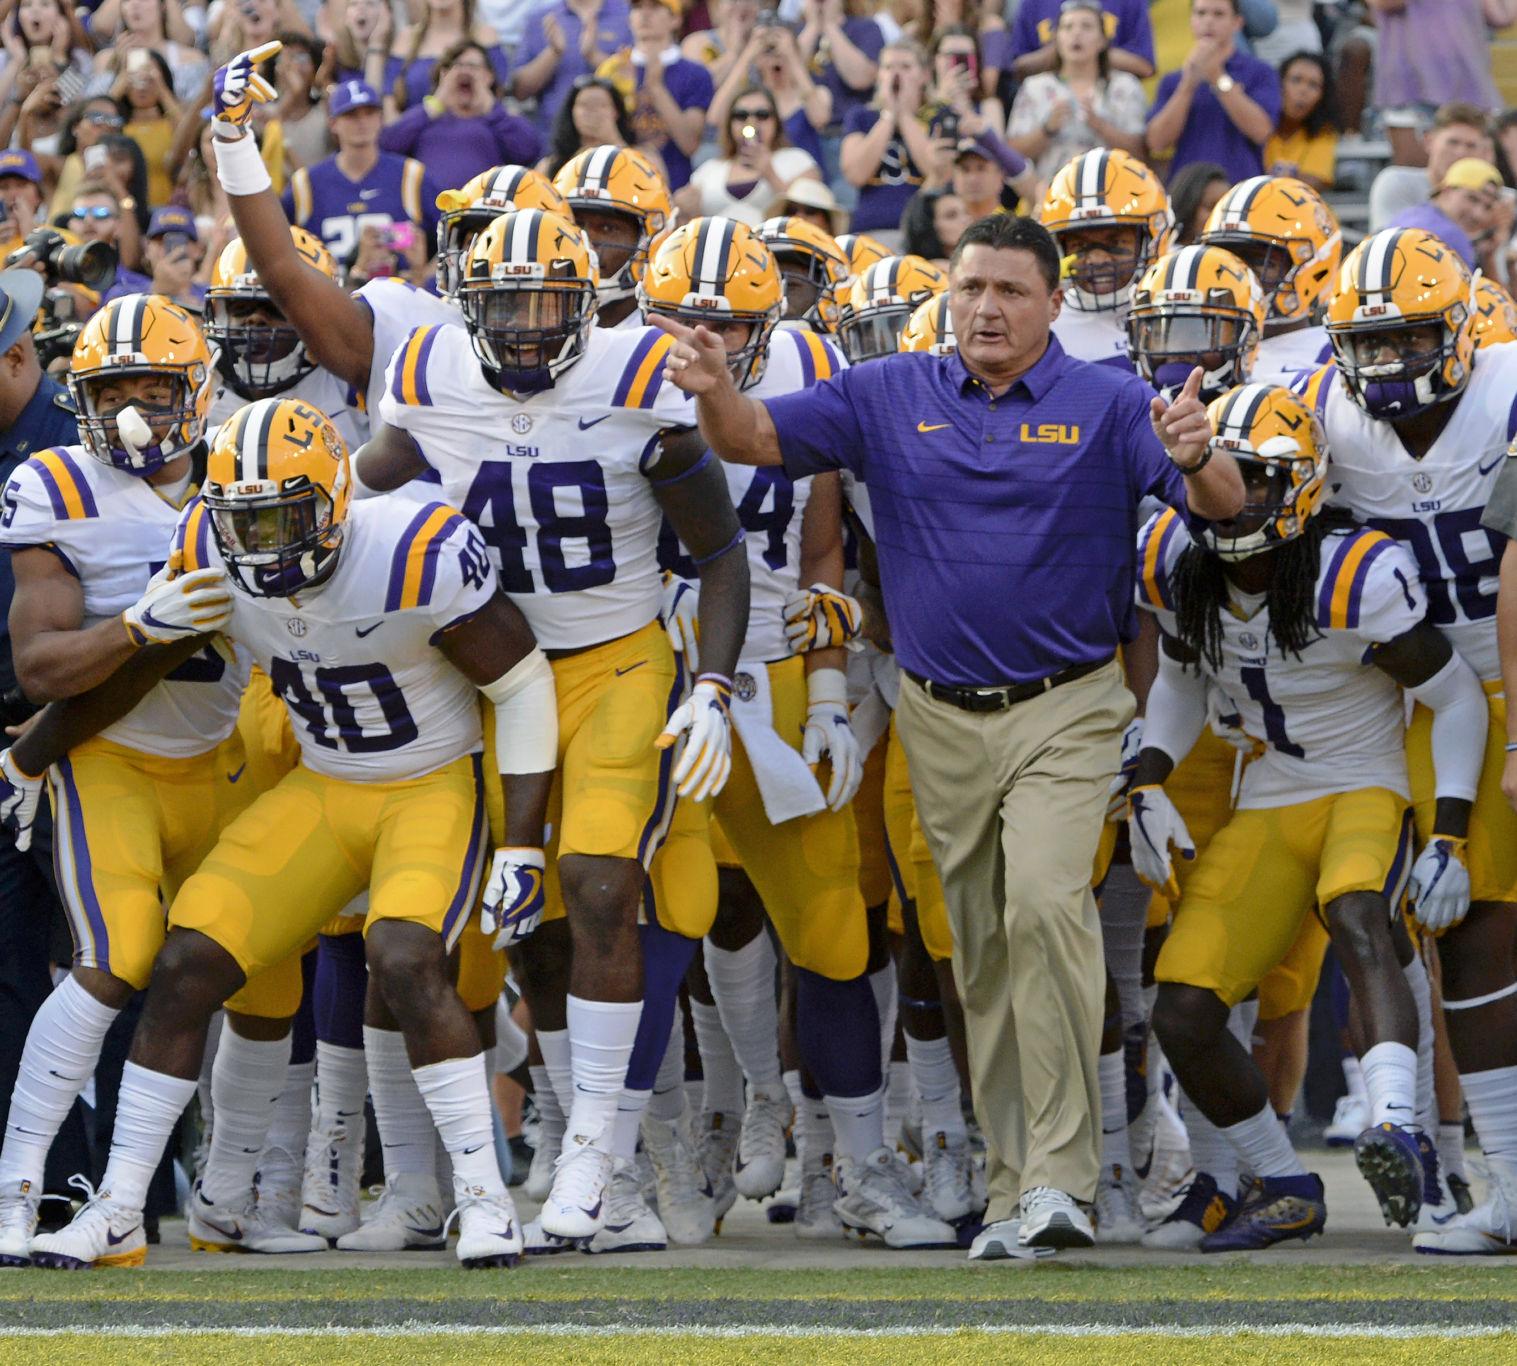 Louisiana State vs Mississippi State, 09/16/17